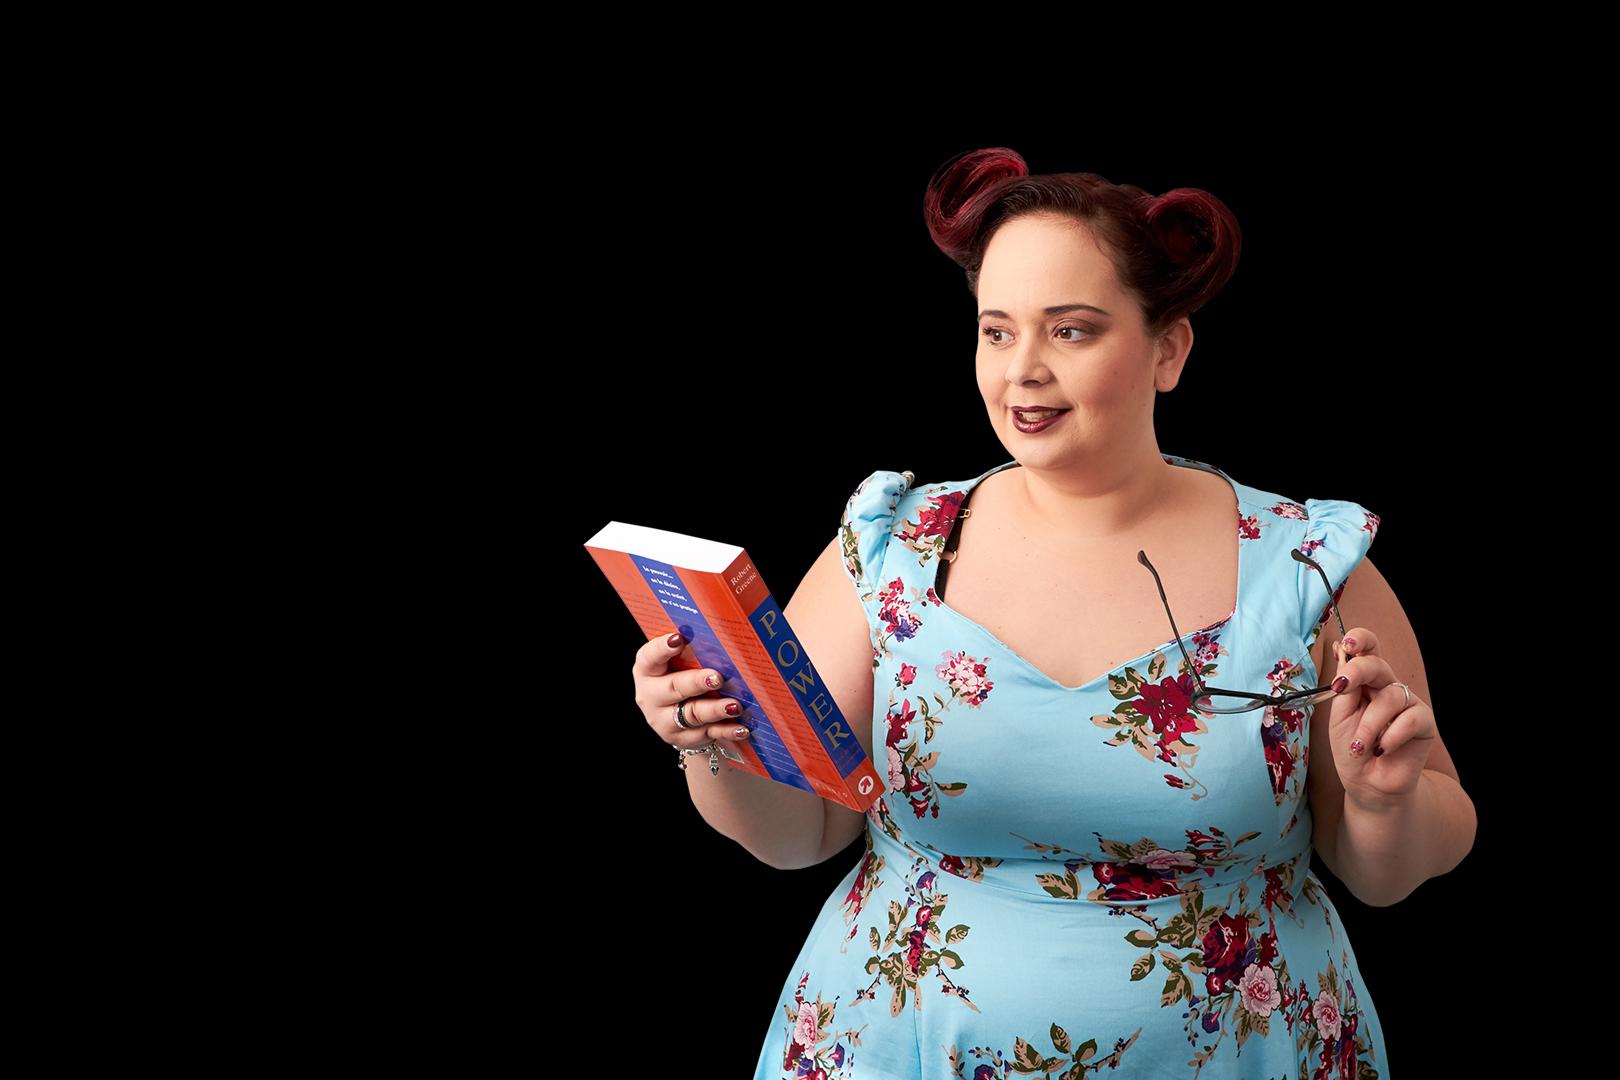 Pvk Photo | Portraits | photo corporate d'une femme sur fond noir avec un livre et des lunettes à la main